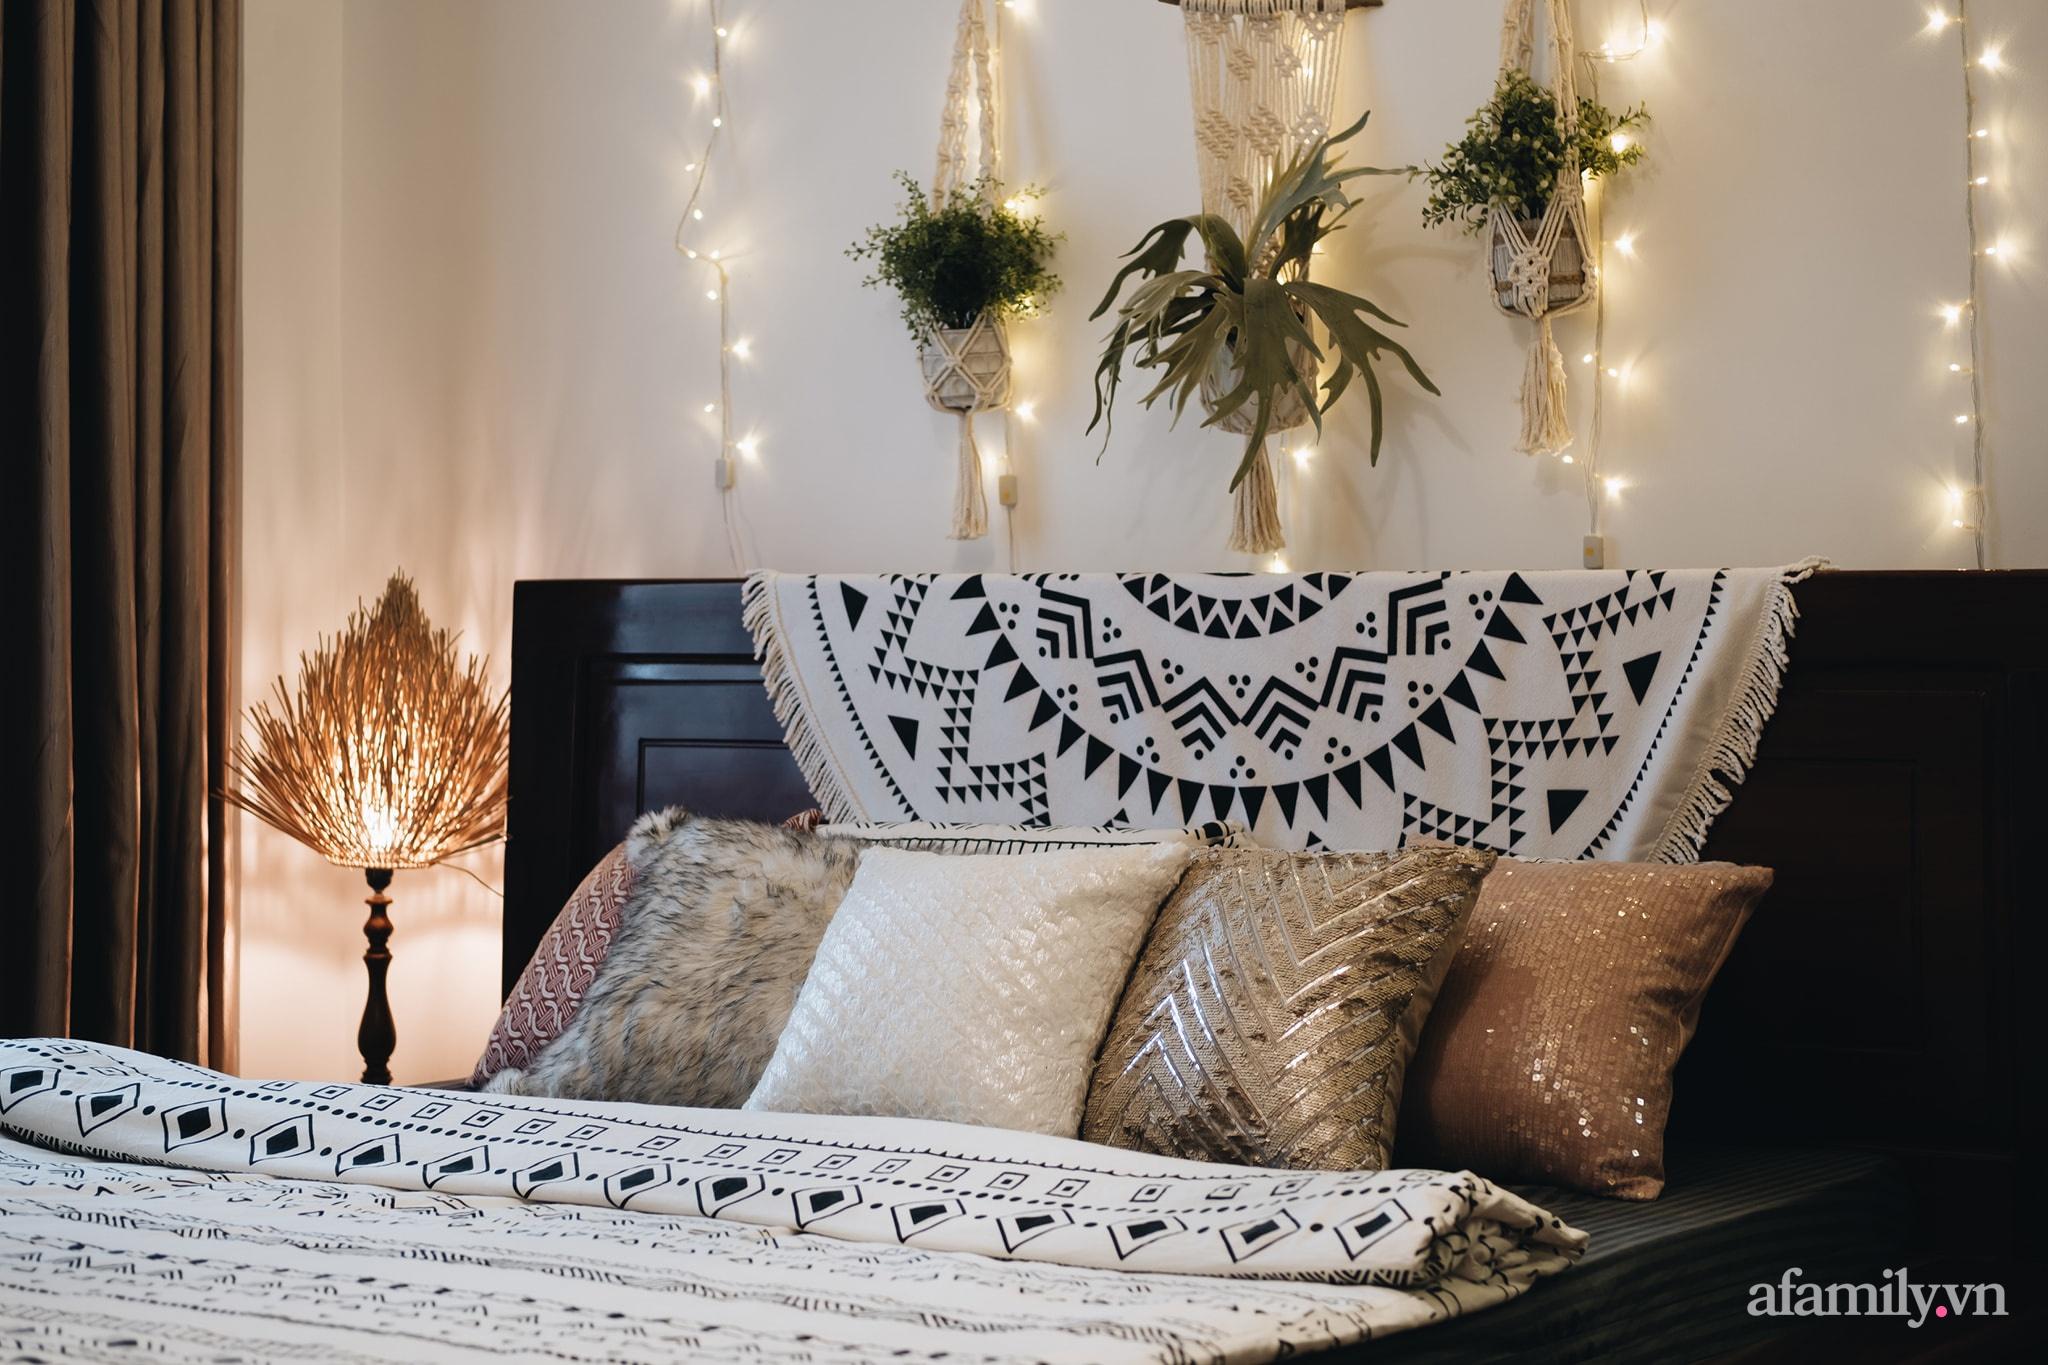 Cải tạo phòng ngủ cũ thành phòng tân hôn đẹp lãng mạn theo phong cách Boho với chi phí décor 50 triệu đồng ở Sài Gòn - Ảnh 4.